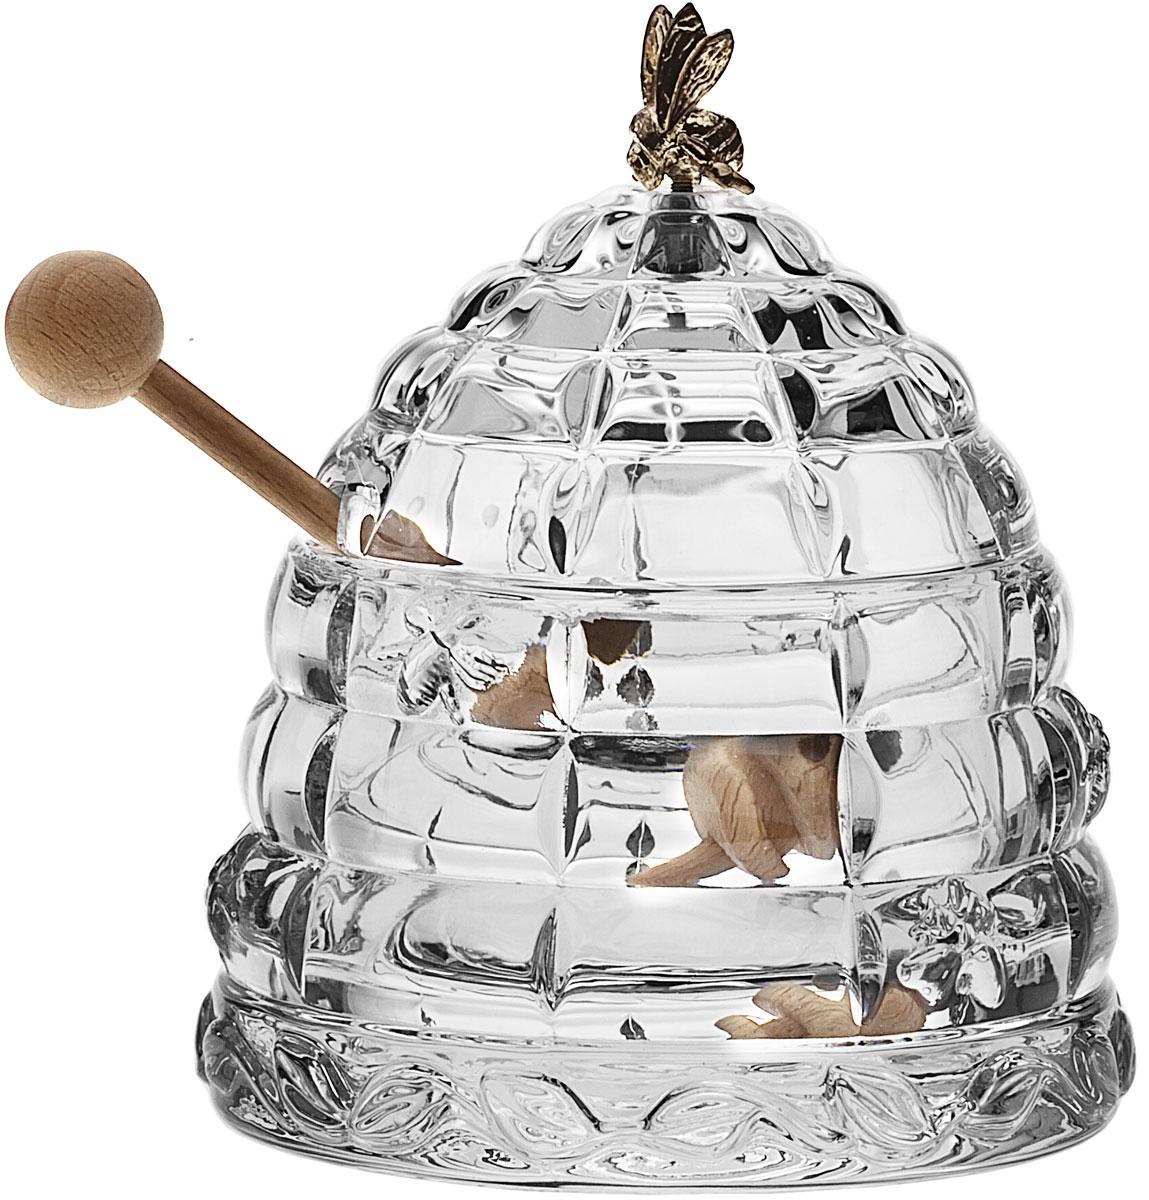 Доза для меда Crystal Bohemia Улей с пчелкой, с ложкой, 300 мл990/53312/8/69710/118-119Доза для меда Crystal Bohemia Улей с пчелкой изготовлена из высококачественного хрусталя. Доза выполнена в форме улья и оснащена крышкой с металлической фигуркой пчелы. В комплекте - деревянная ложка для меда. Изделие прекрасно впишется в интерьер вашего дома и станет достойным дополнением к кухонному инвентарю. Доза подчеркнет прекрасный вкус хозяйки и станет отличным подарком.Размер дозы (без учета крышки): 11 см х 11 см х 7,5 см. Длина ложечки: 15 см.Объем дозы: 300 мл.